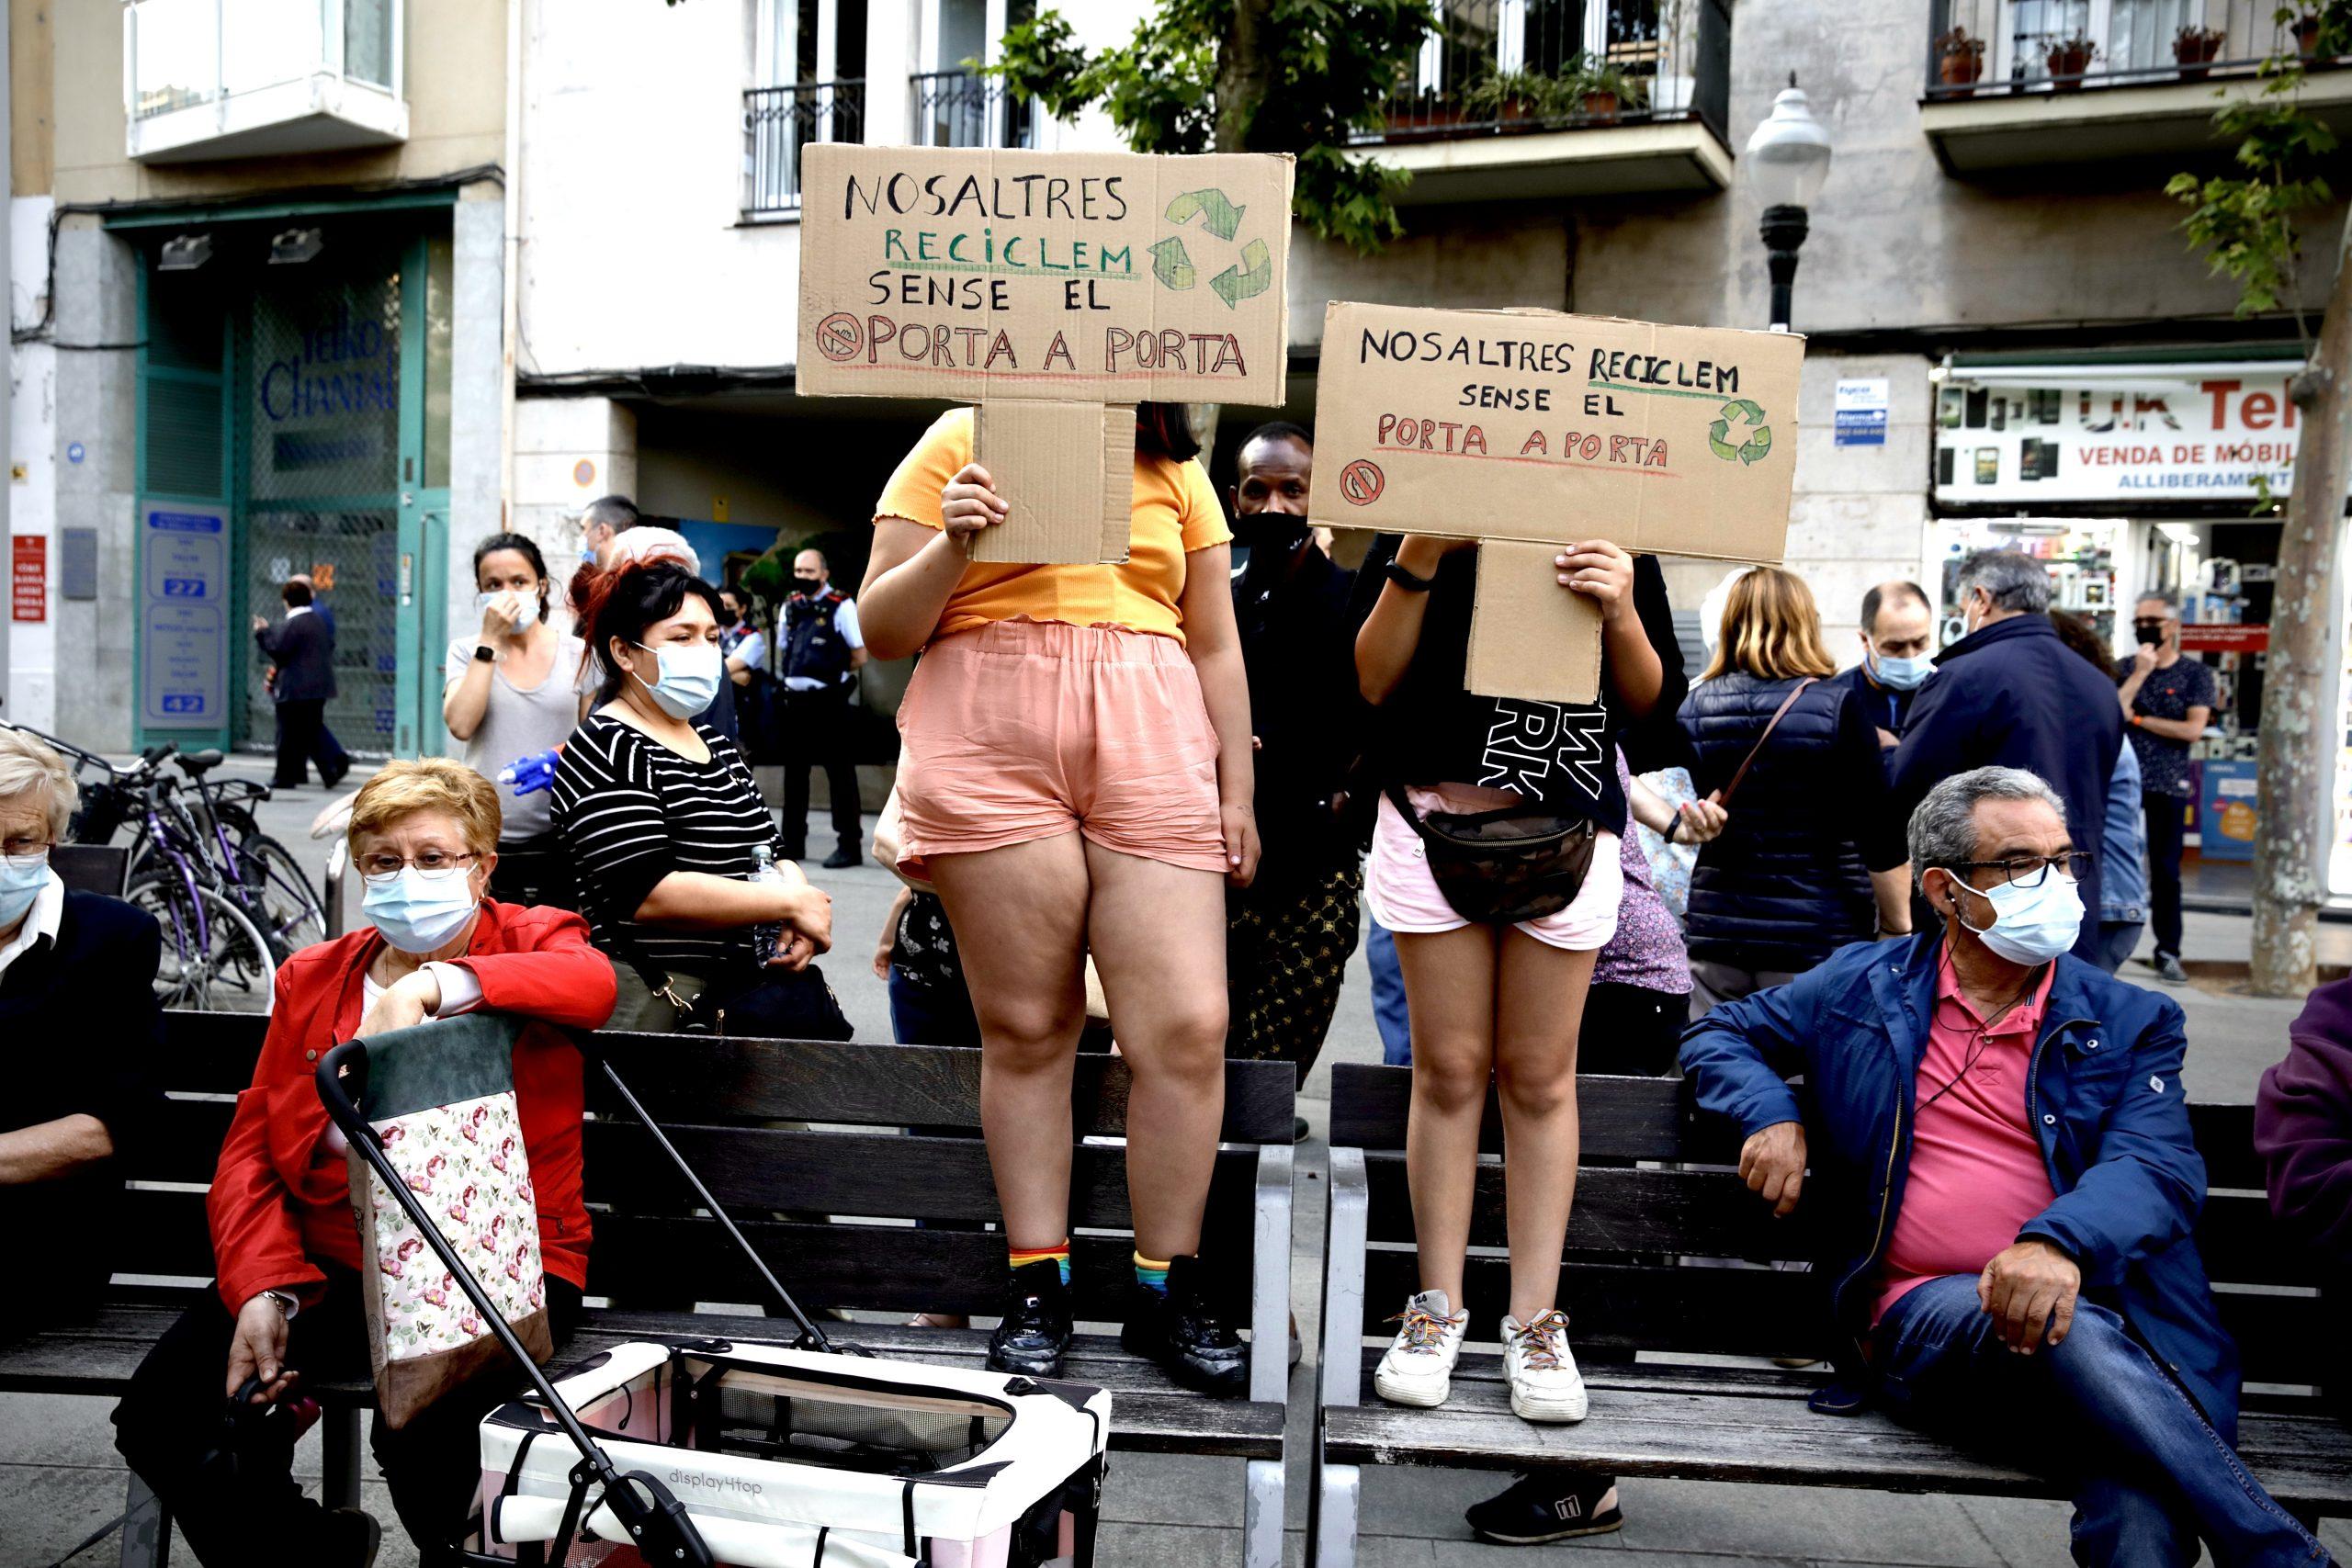 Joves de Sant Andreu contra el porta a porta / Jordi Play